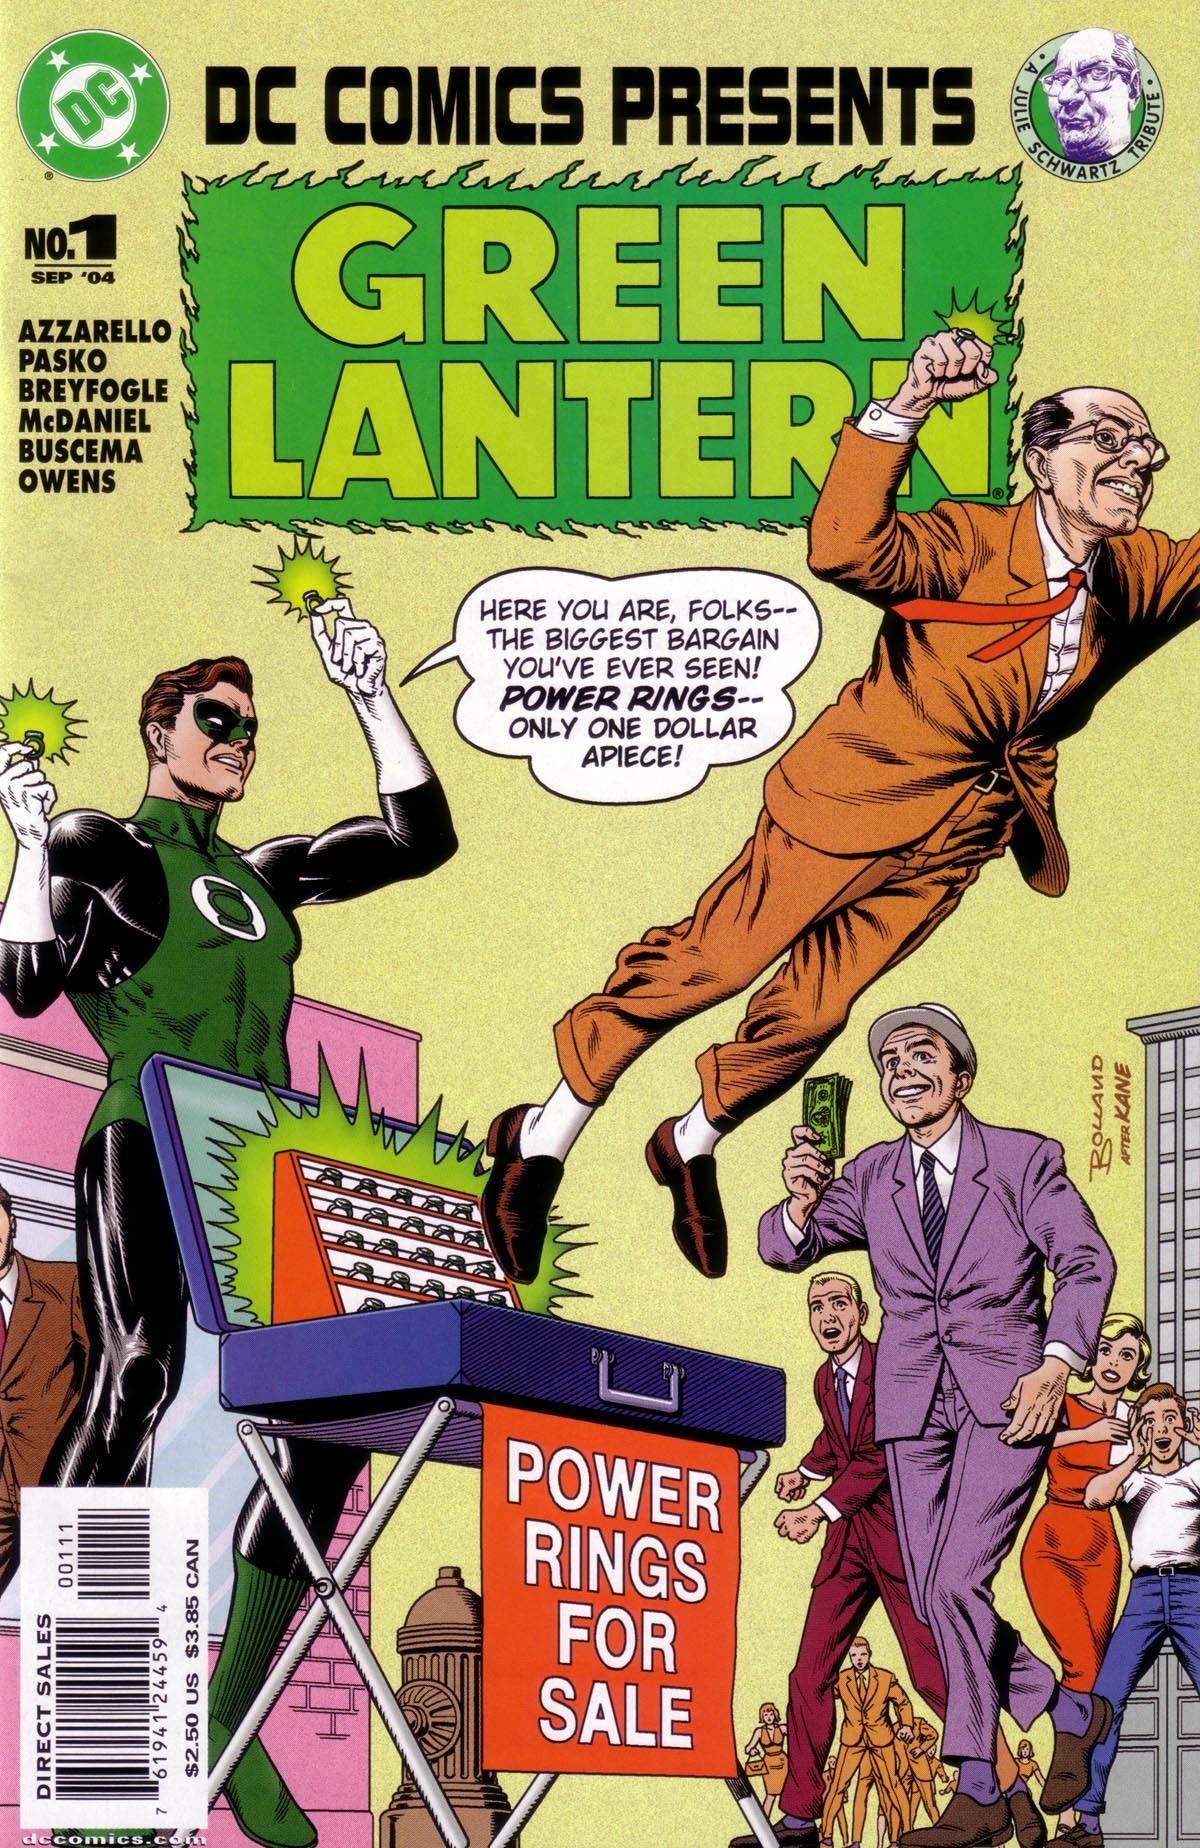 DC Comics Presents (2004) Green_Lantern Page 1